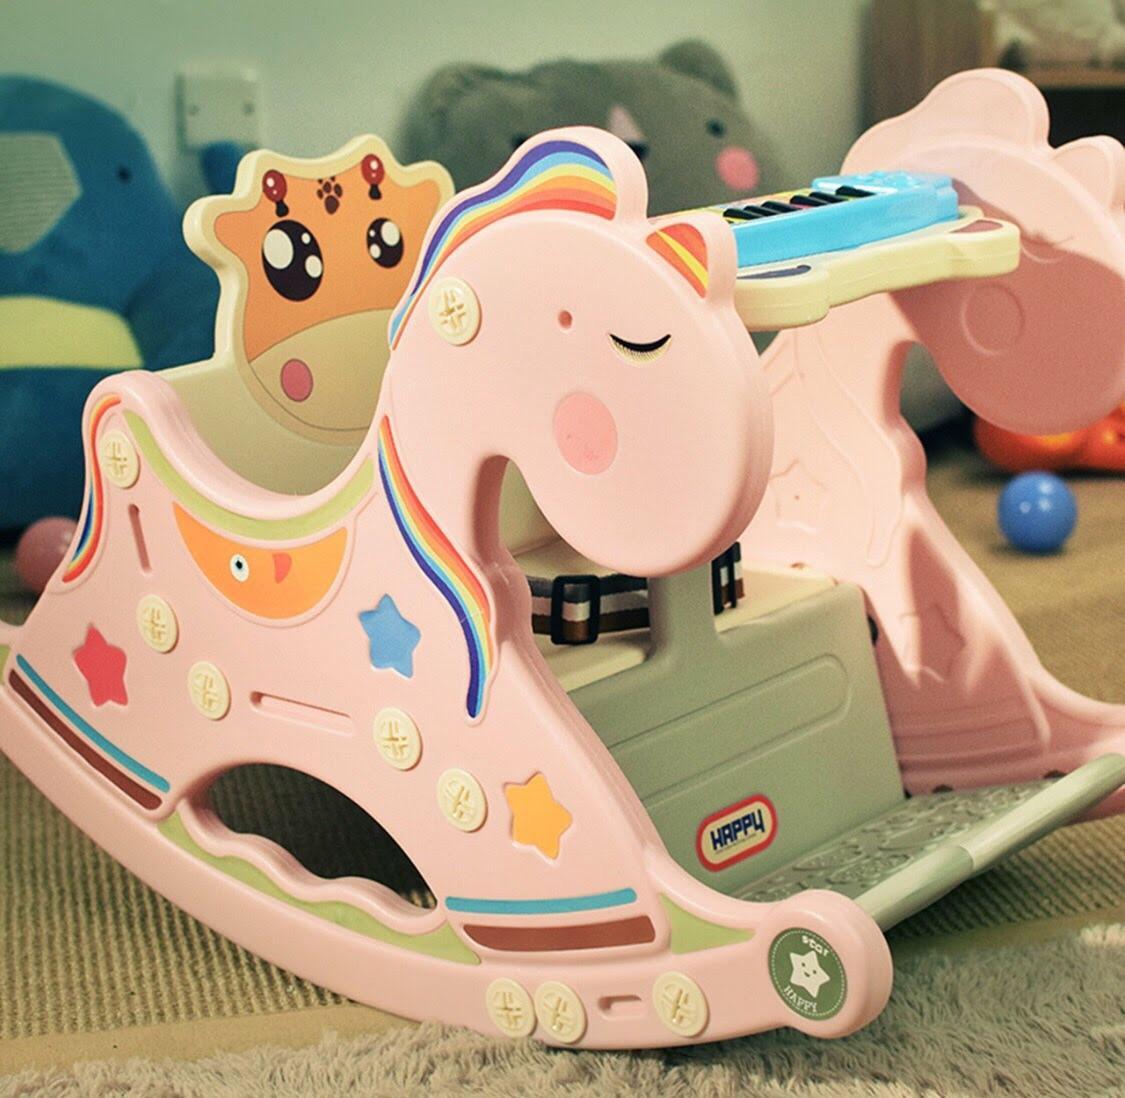 Ghế bập bênh ăn dặm hình ngựa PONY, 3 chức năng cho trẻ